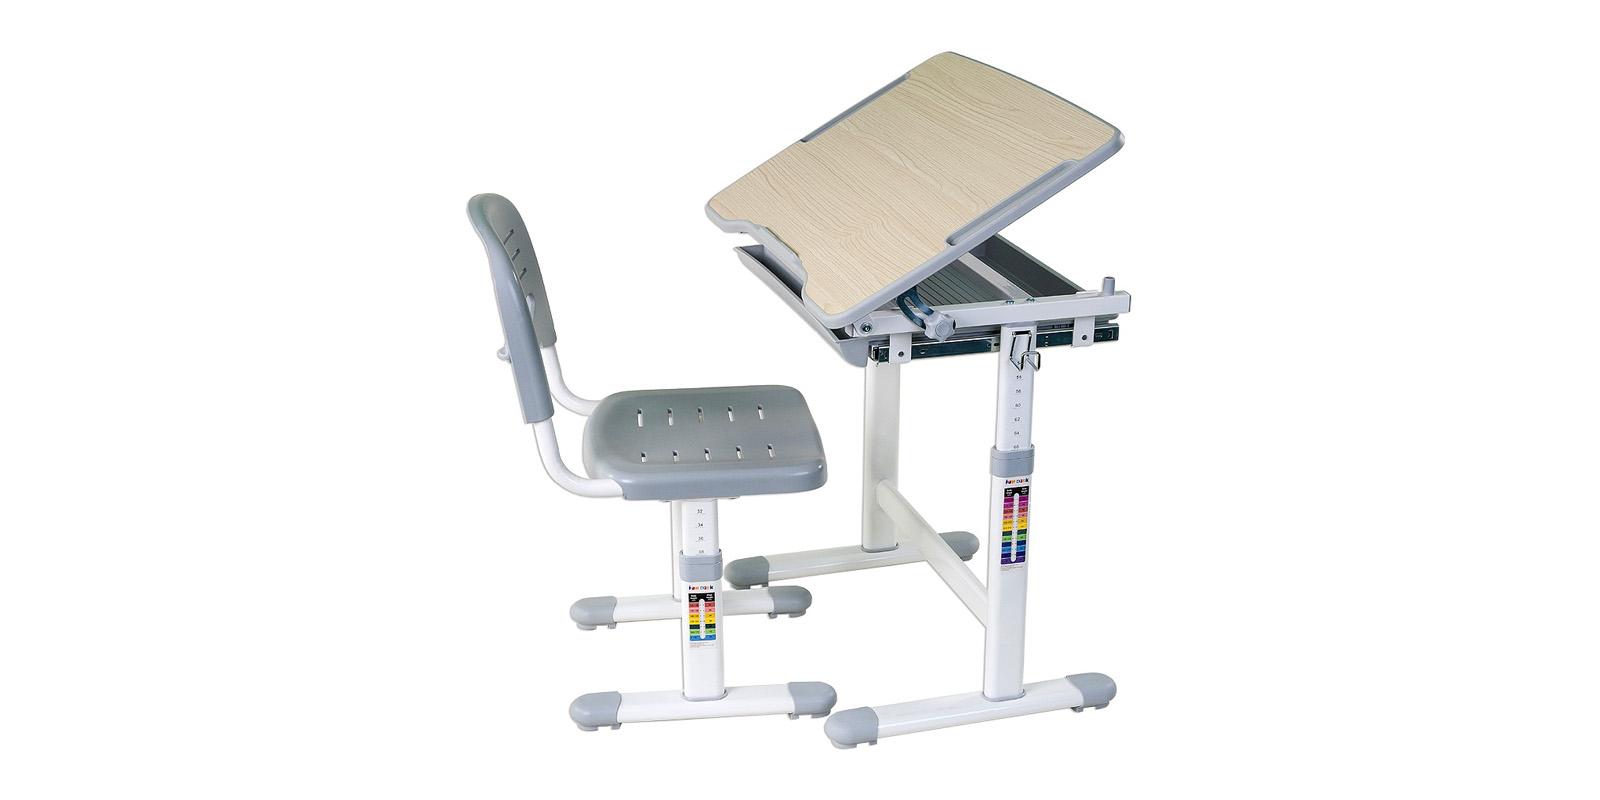 Детская парта PICCOLINO комплект парта + стул (белый/серый)